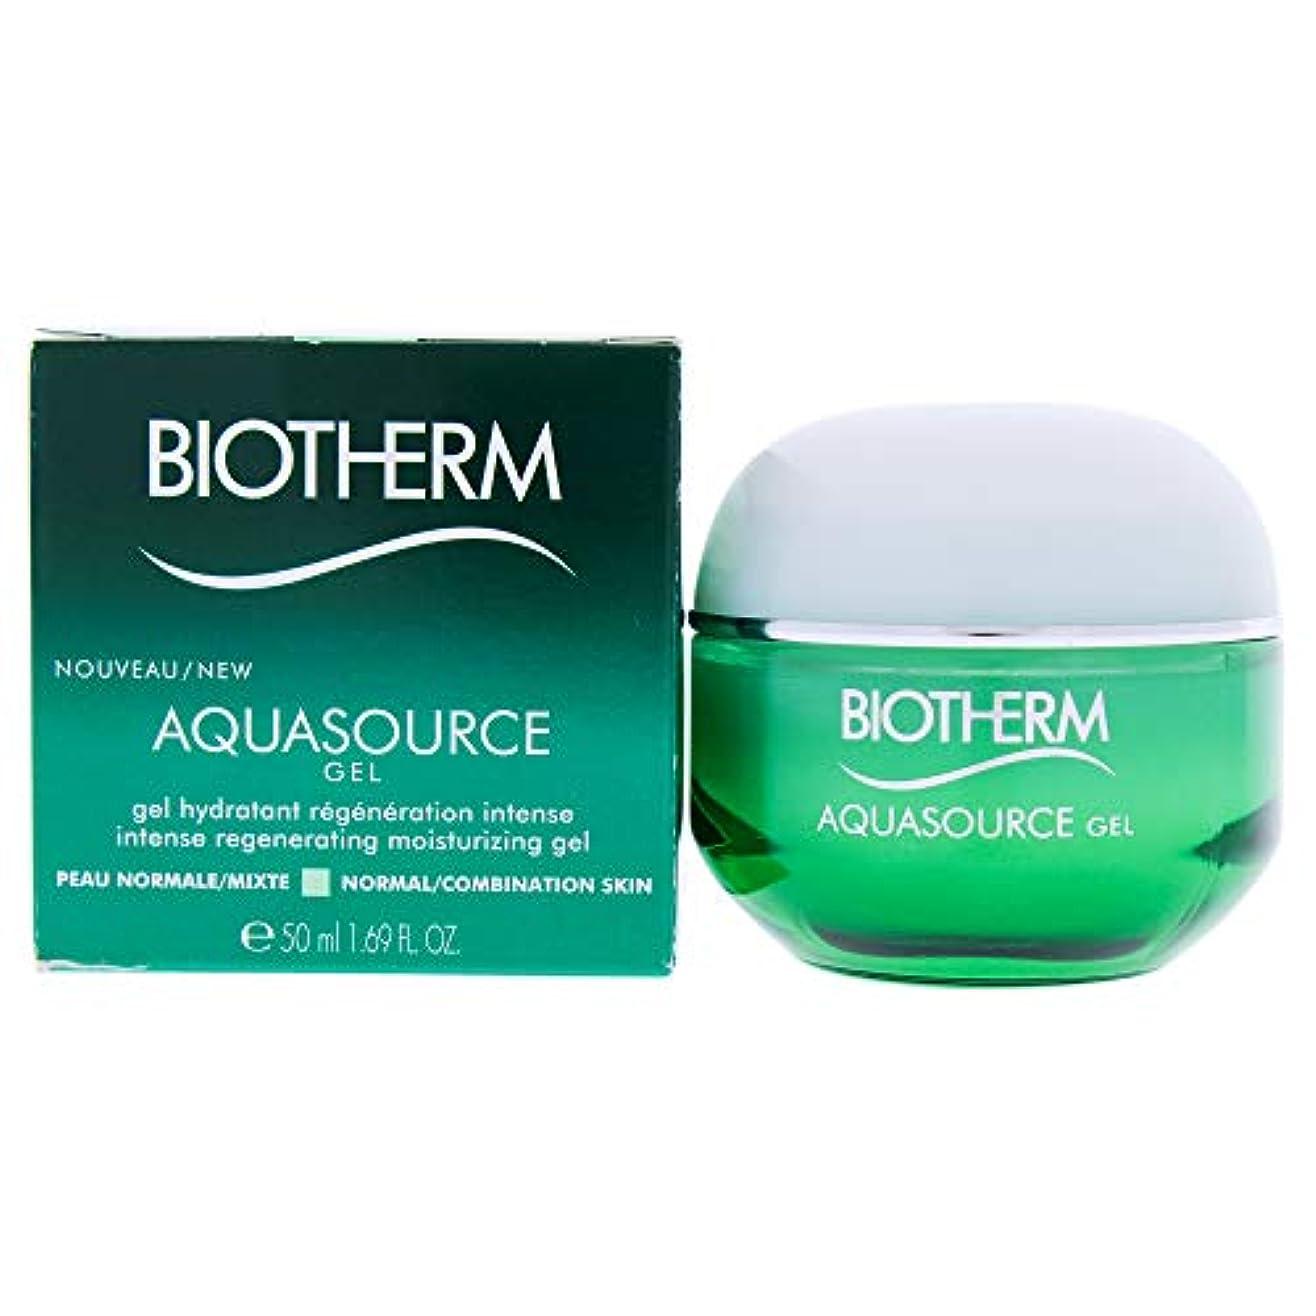 カート黙認する政治的ビオテルム Aquasource Gel Intense Regenerating Moisturizing Gel - For Normal/Combination Skin 50ml/1.69oz並行輸入品